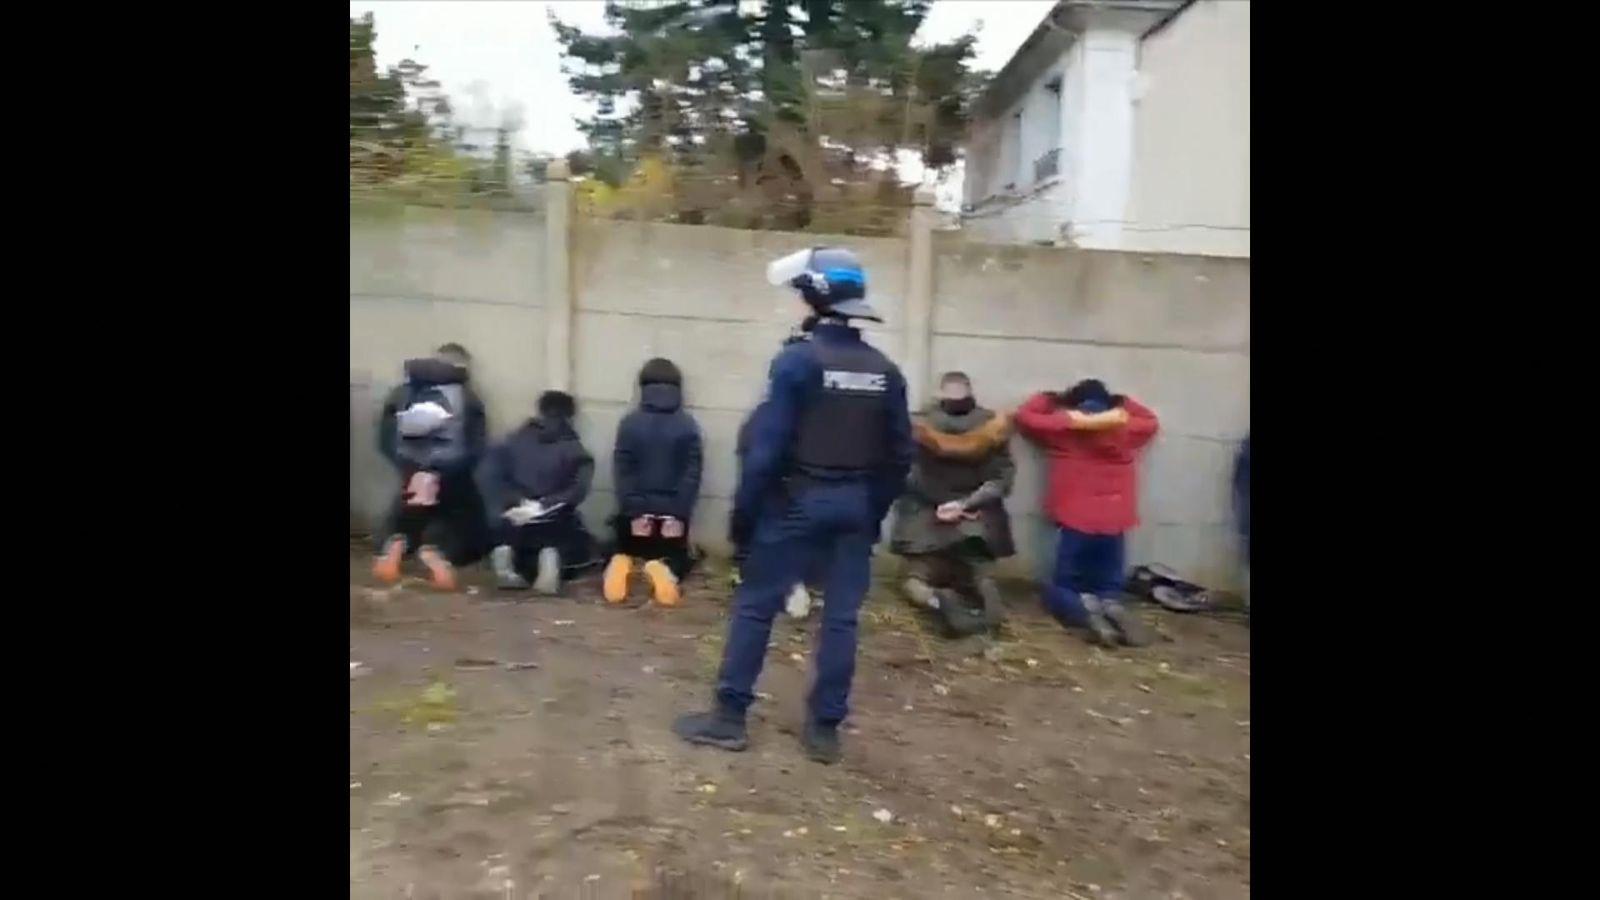 La ira cuando la policía antidisturbios obliga a los escolares a arrodillarse con las manos detrás de la cabeza en medio del bloqueo de París